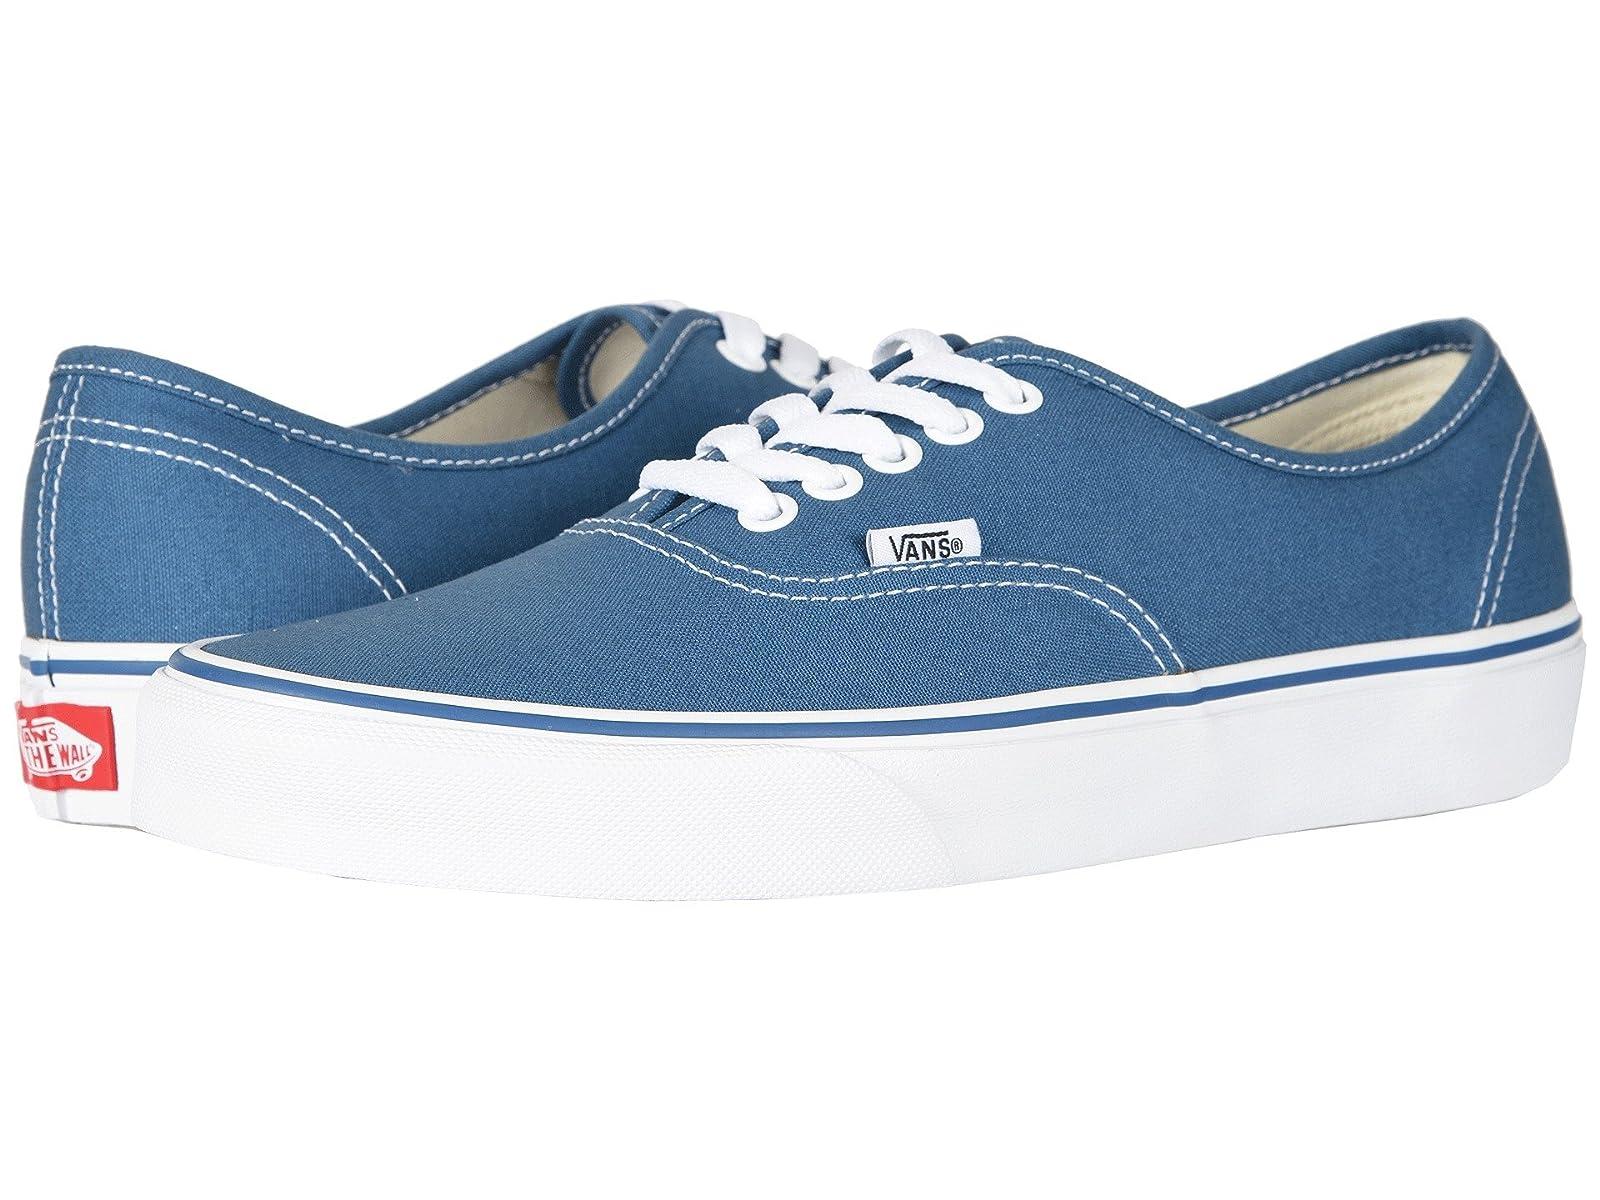 Vans Authentic™ Core ClassicsAtmospheric grades have affordable shoes